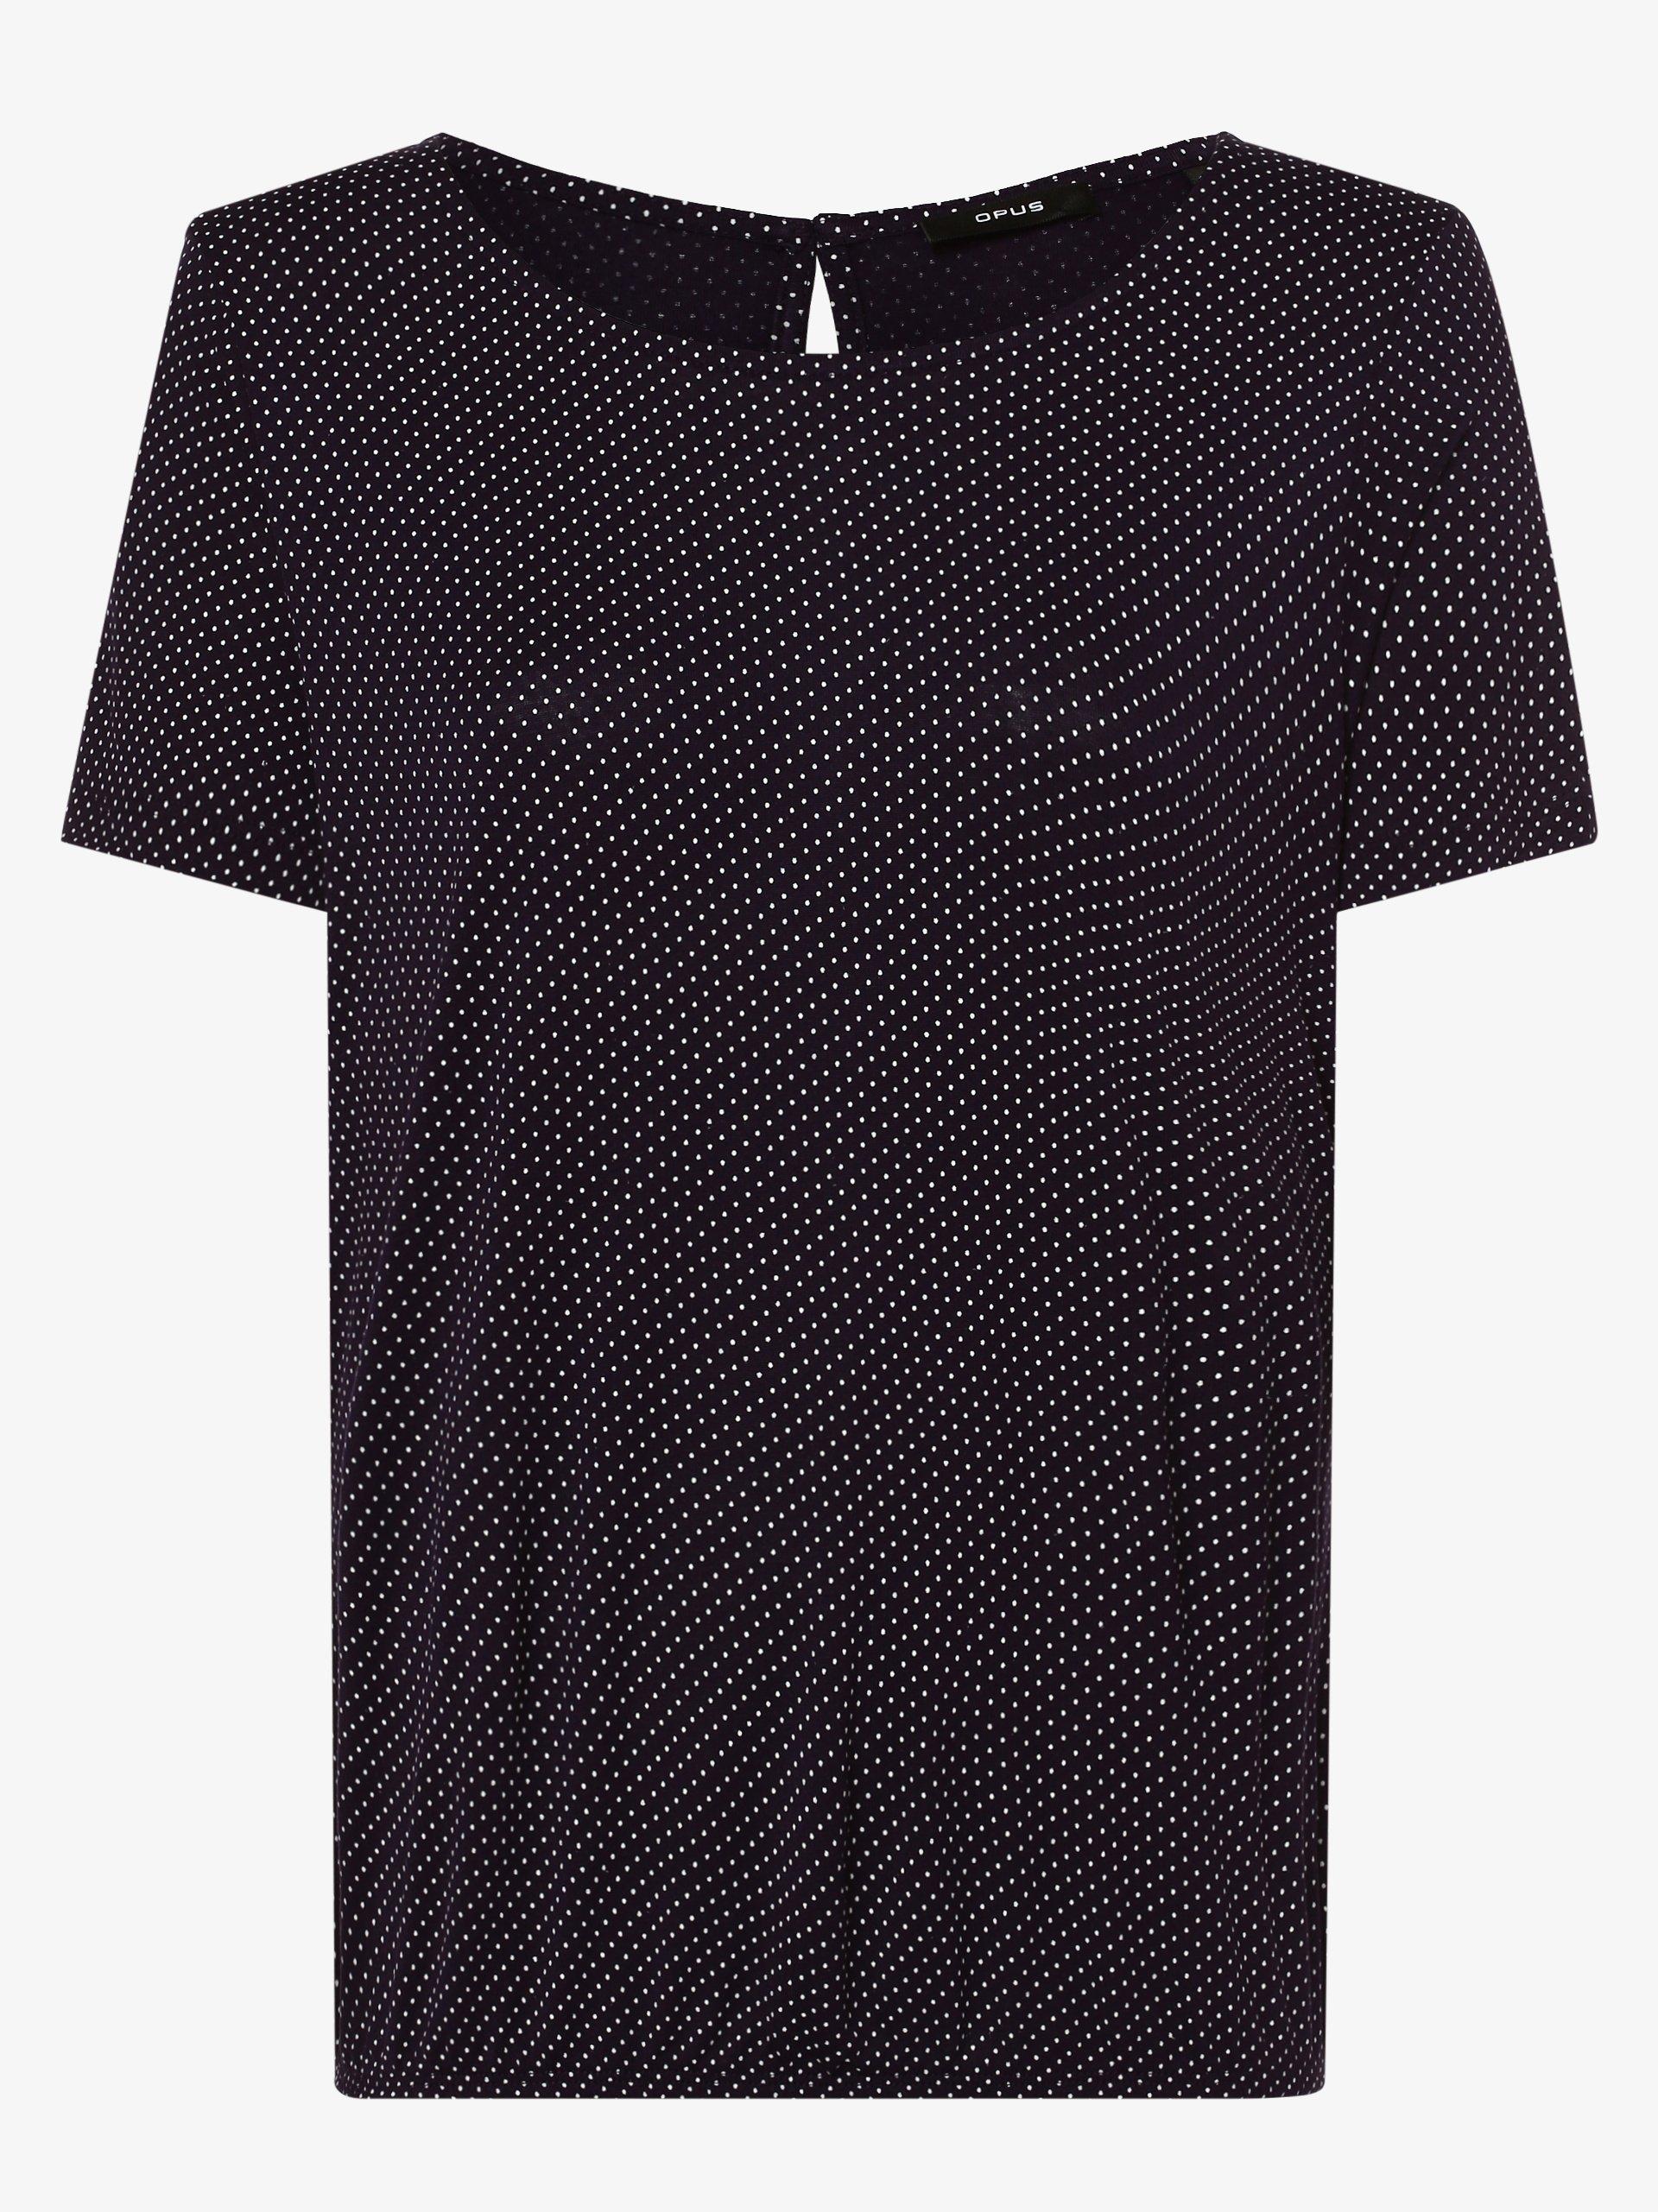 Opus T-shirt damski – Sieke